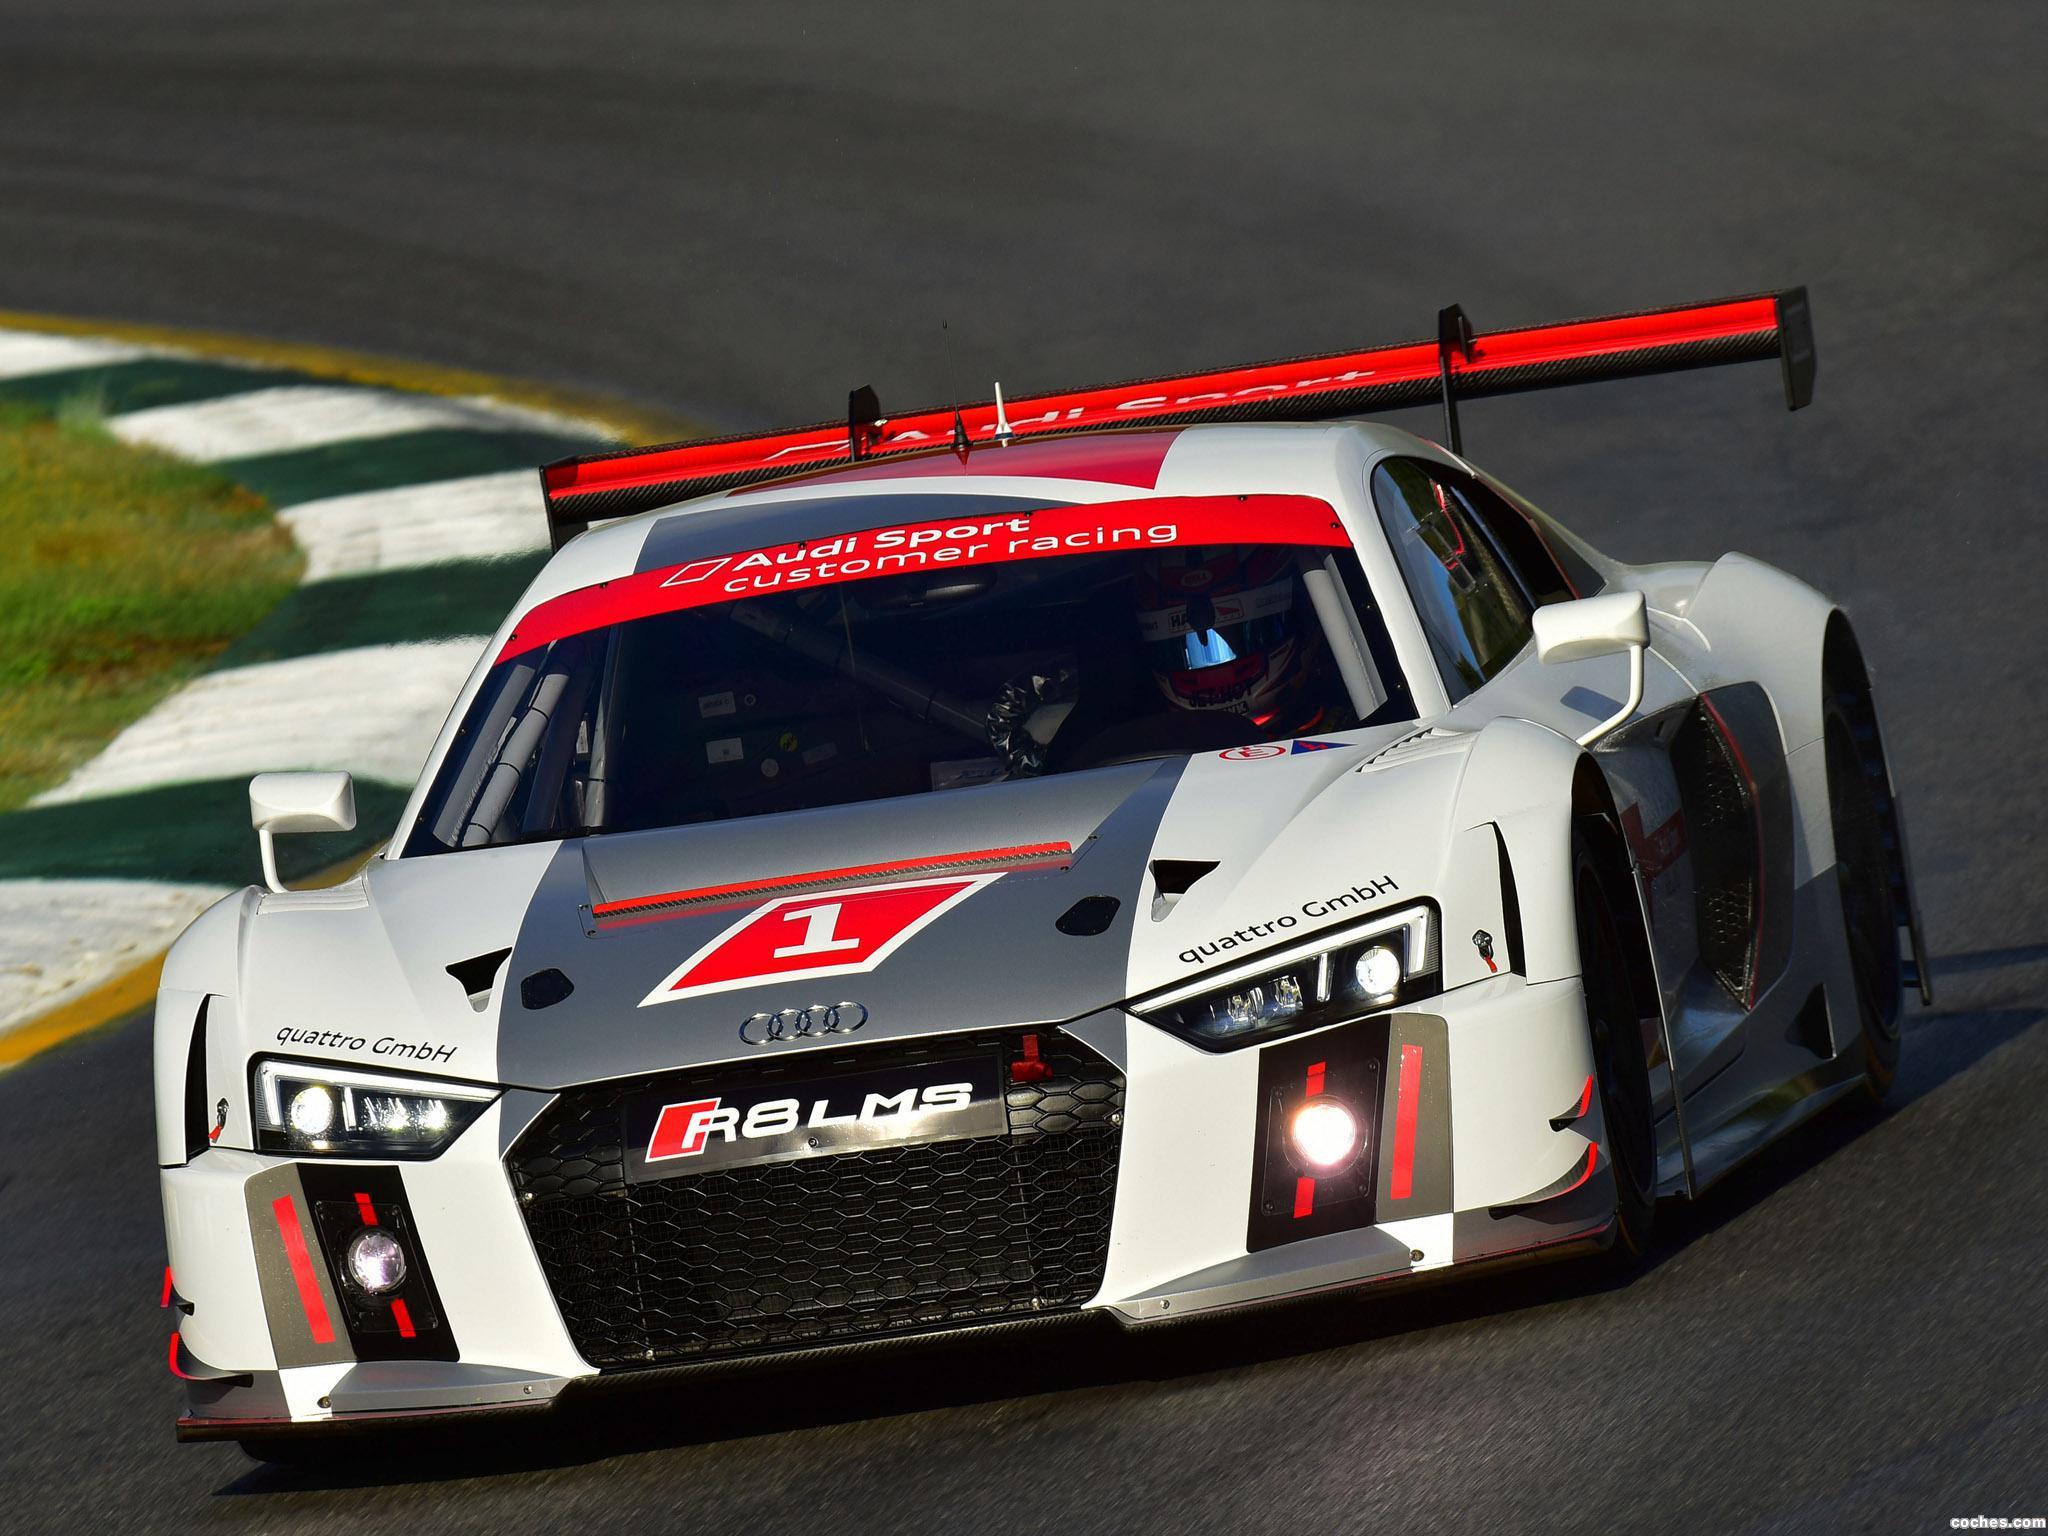 Foto 3 de Audi R8 LMS 2015